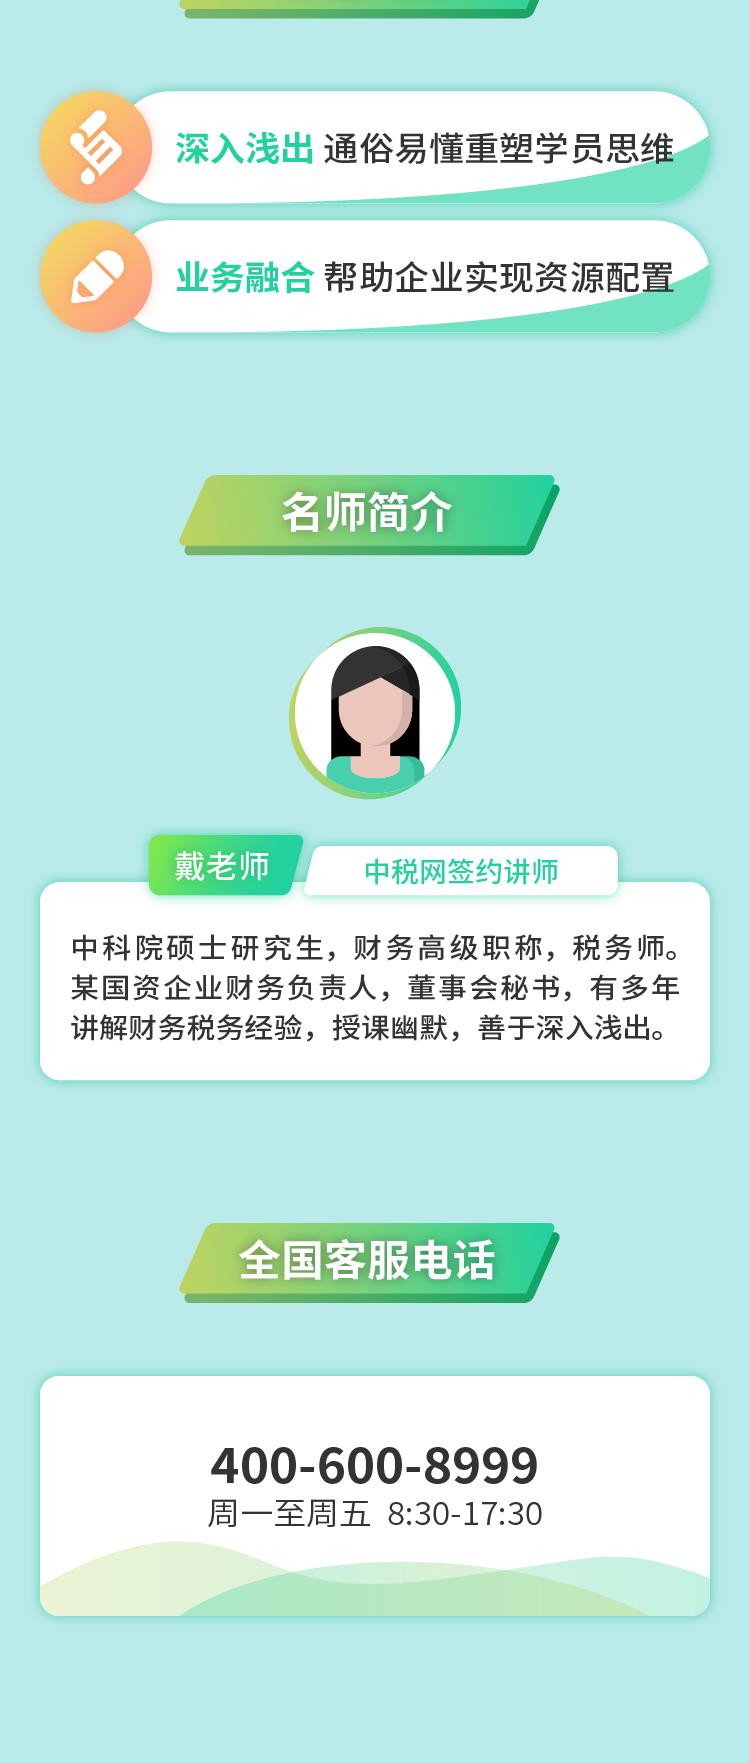 0624_数智未来 财智领航:企业财务转型通路_课程简介4.png